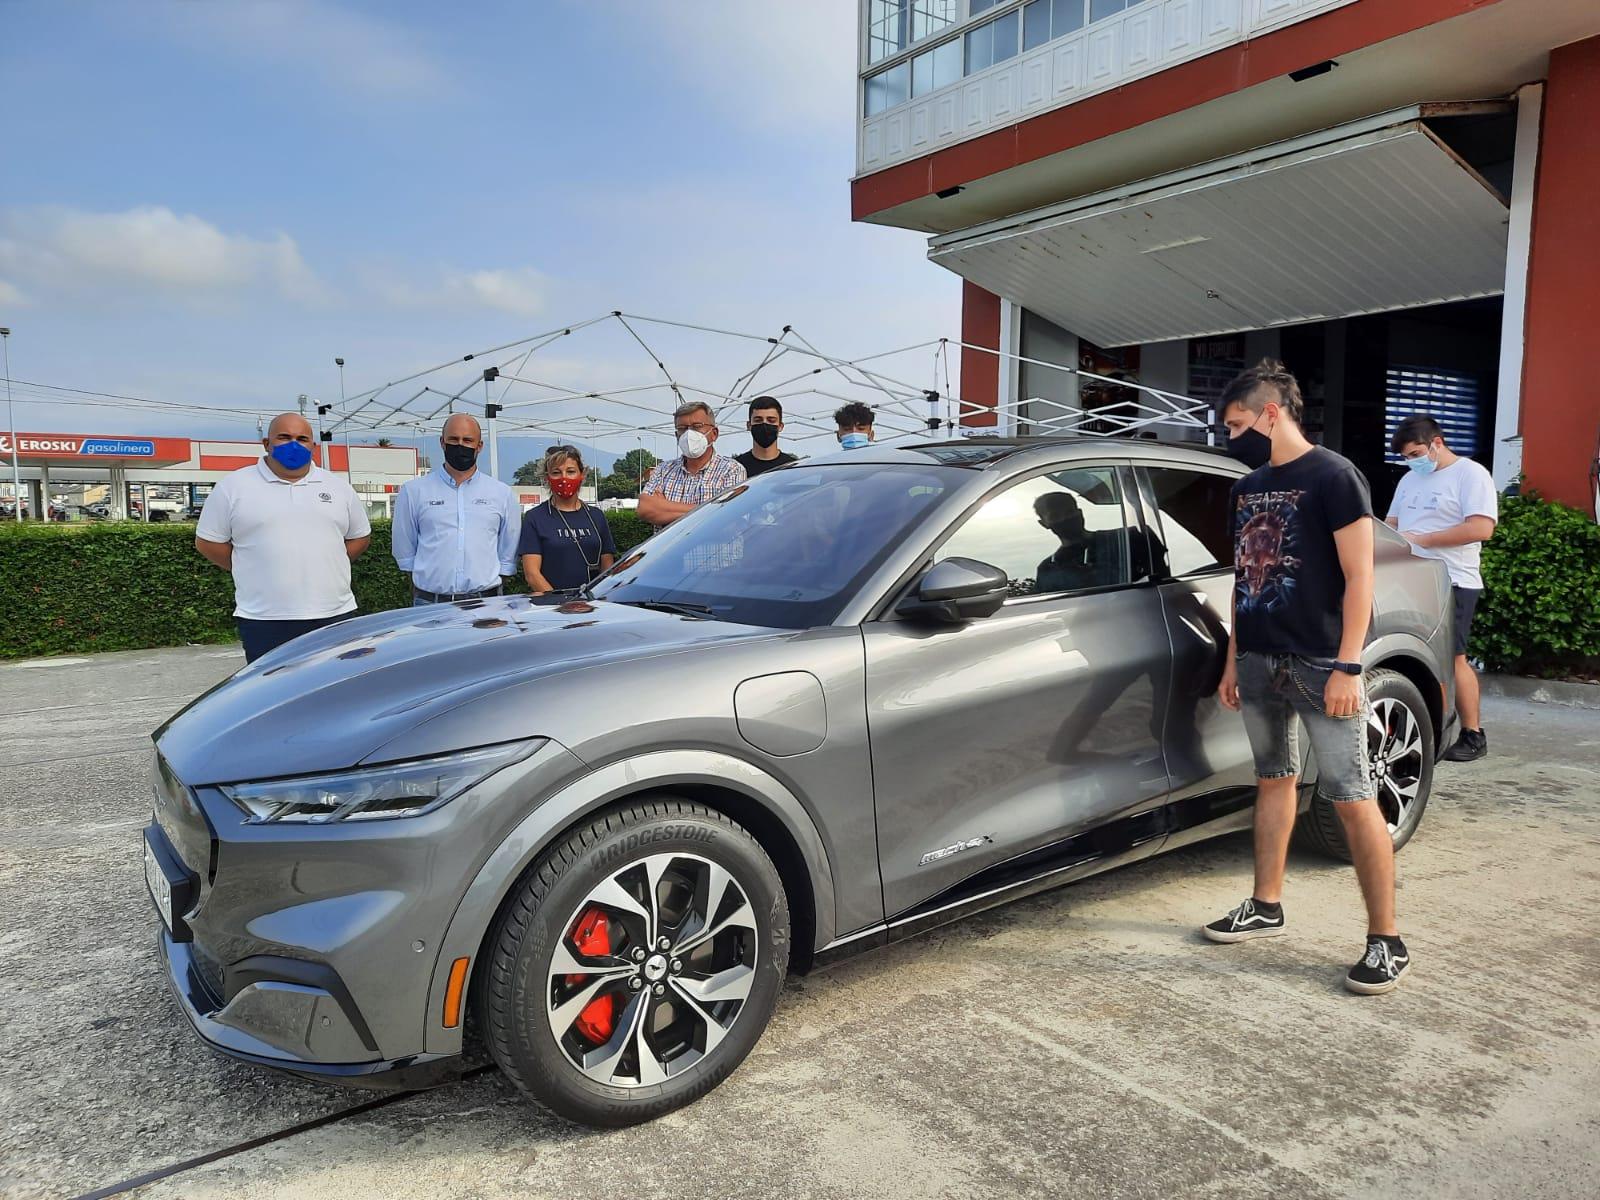 A presentación para A Mariña do Ford Mustang Mach-E puxo o broche de ouro ao X Fórum de Innovación e Formación sobre Vehículos